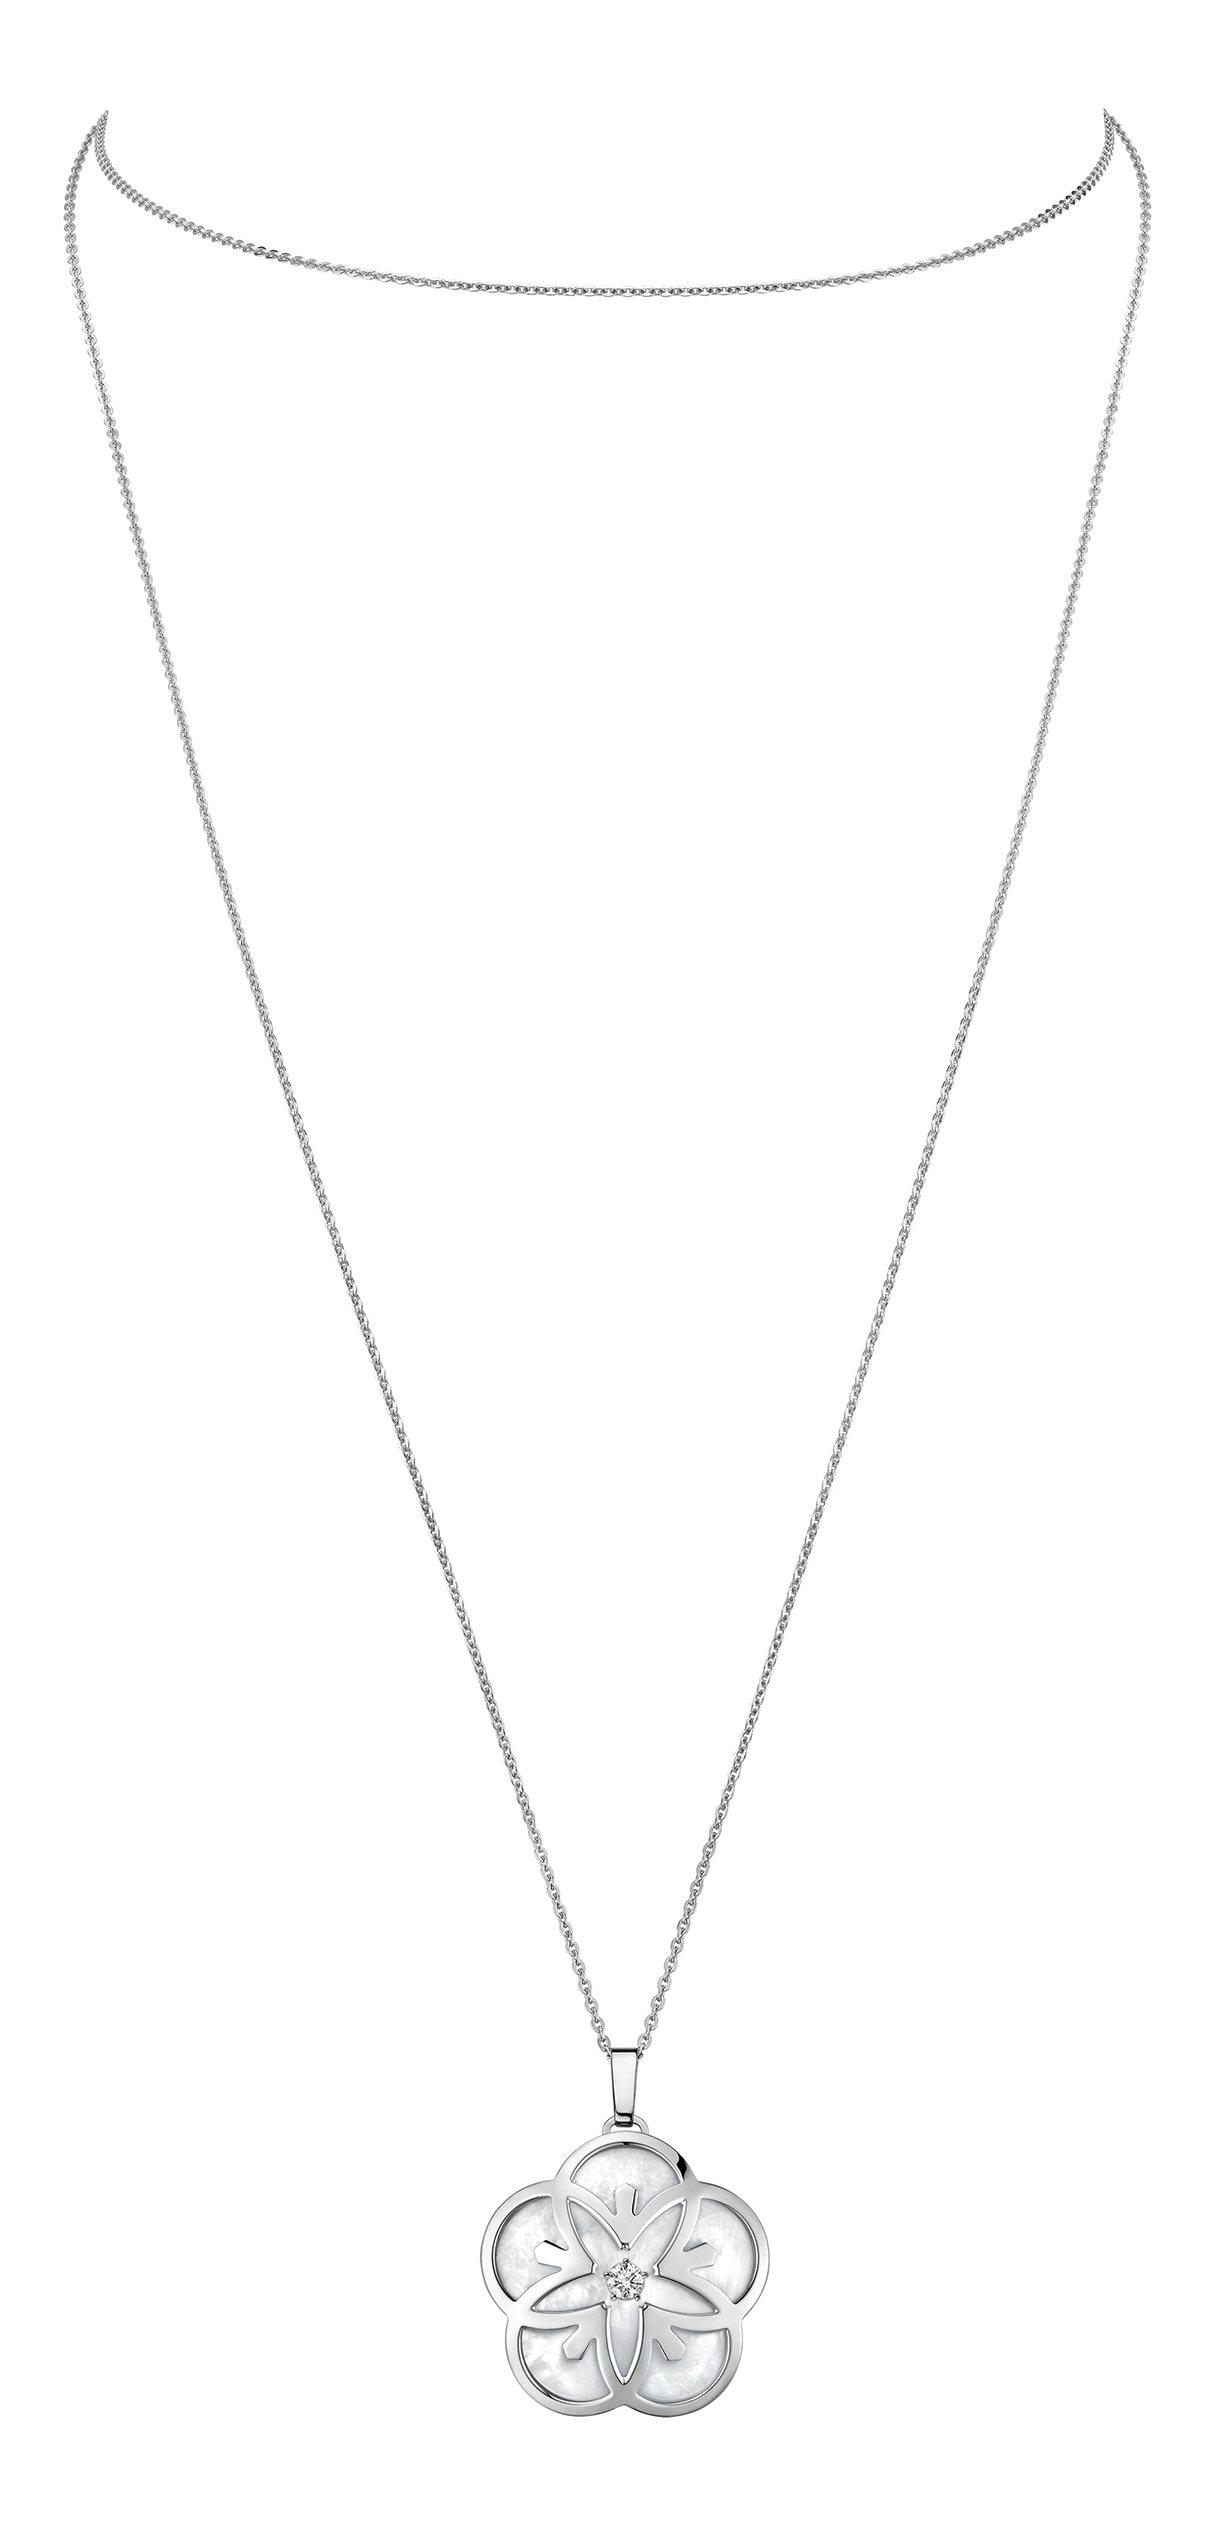 歐米茄Flower系列項鍊,18K白金、鑽石、珍珠母貝,約77,300元。圖/O...